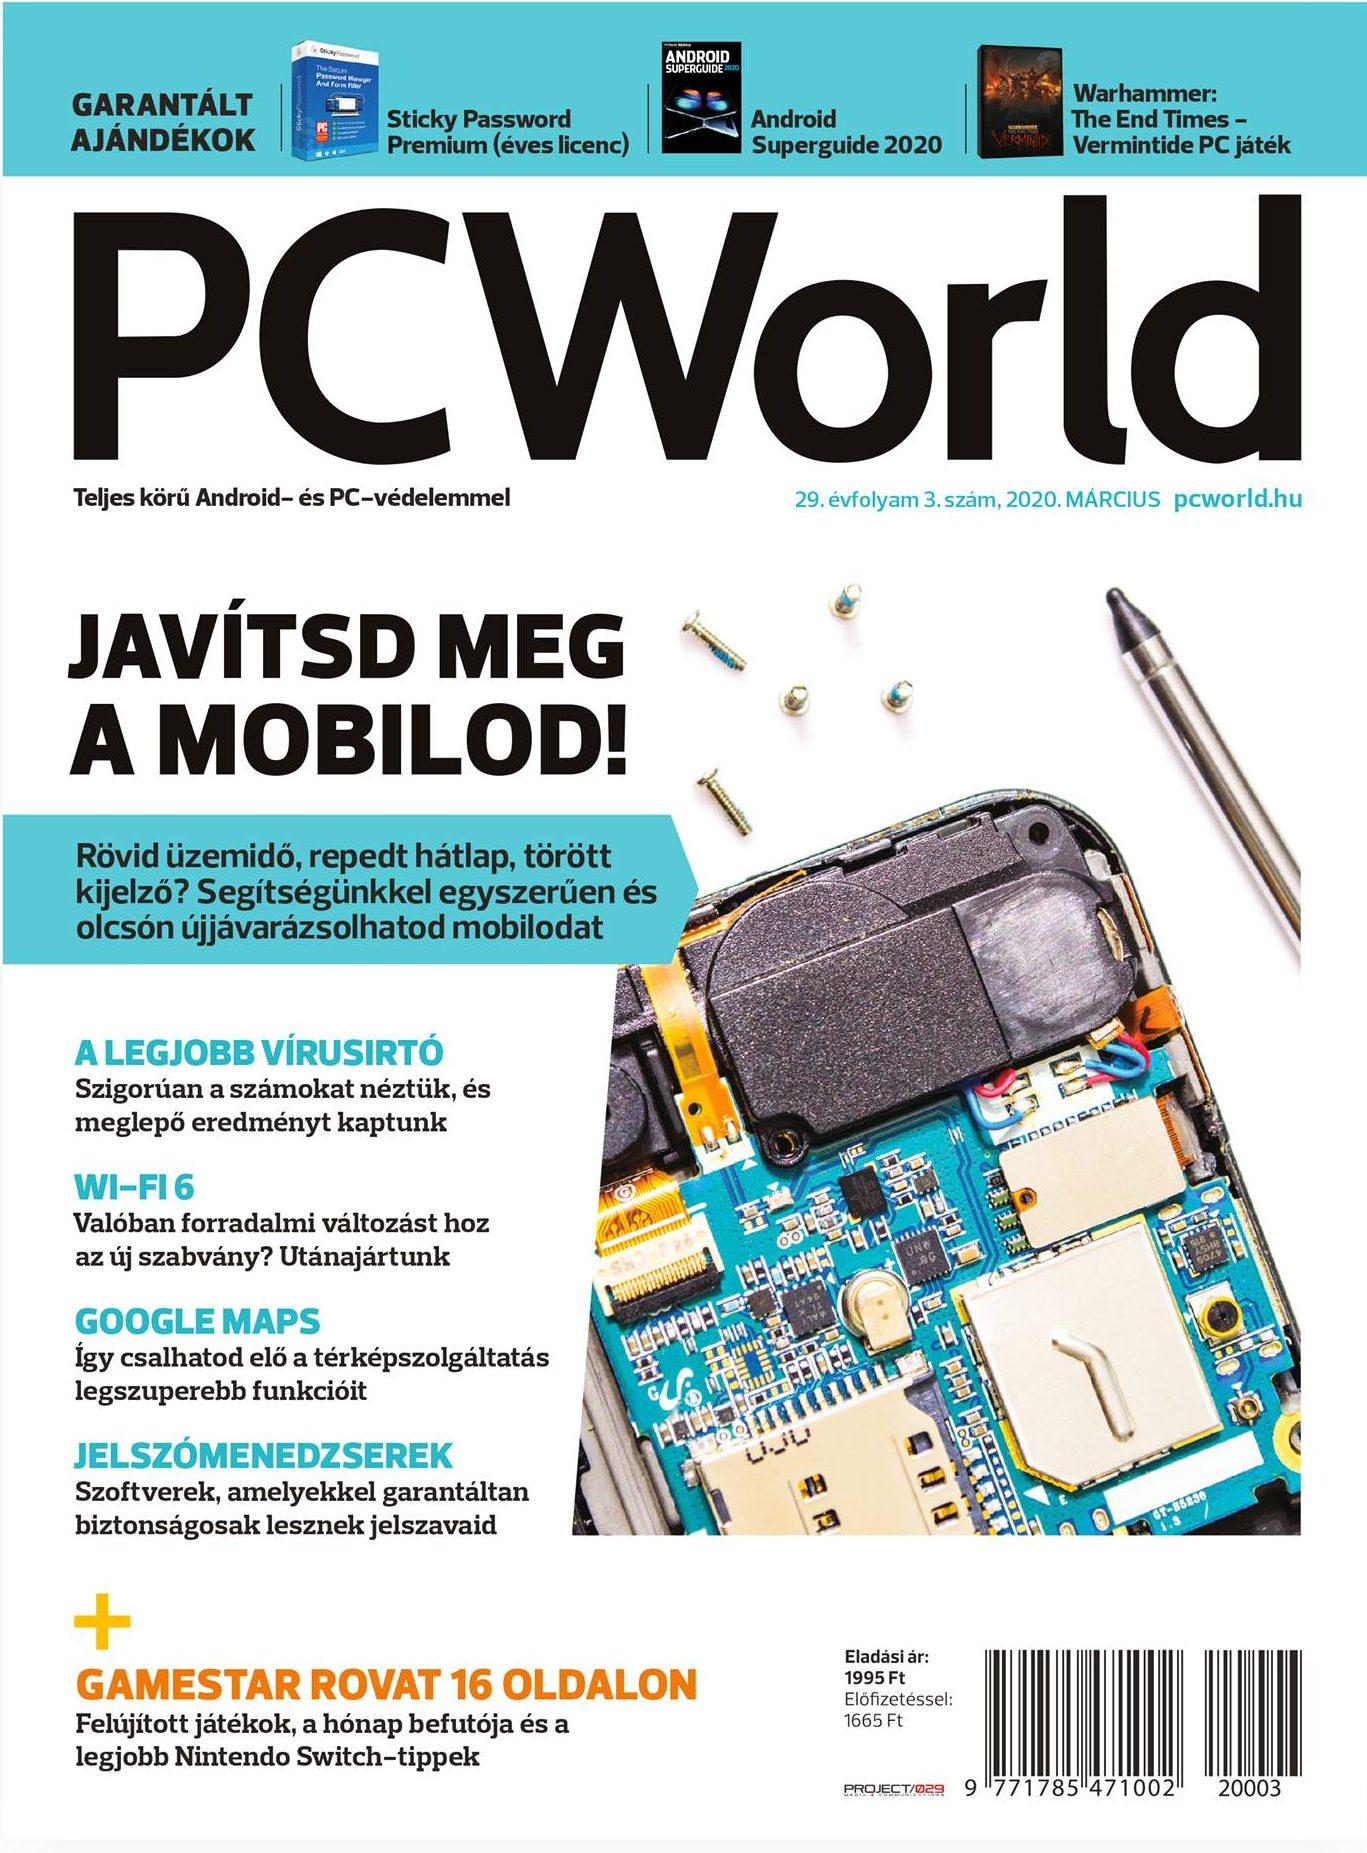 PC World korrektúrázás